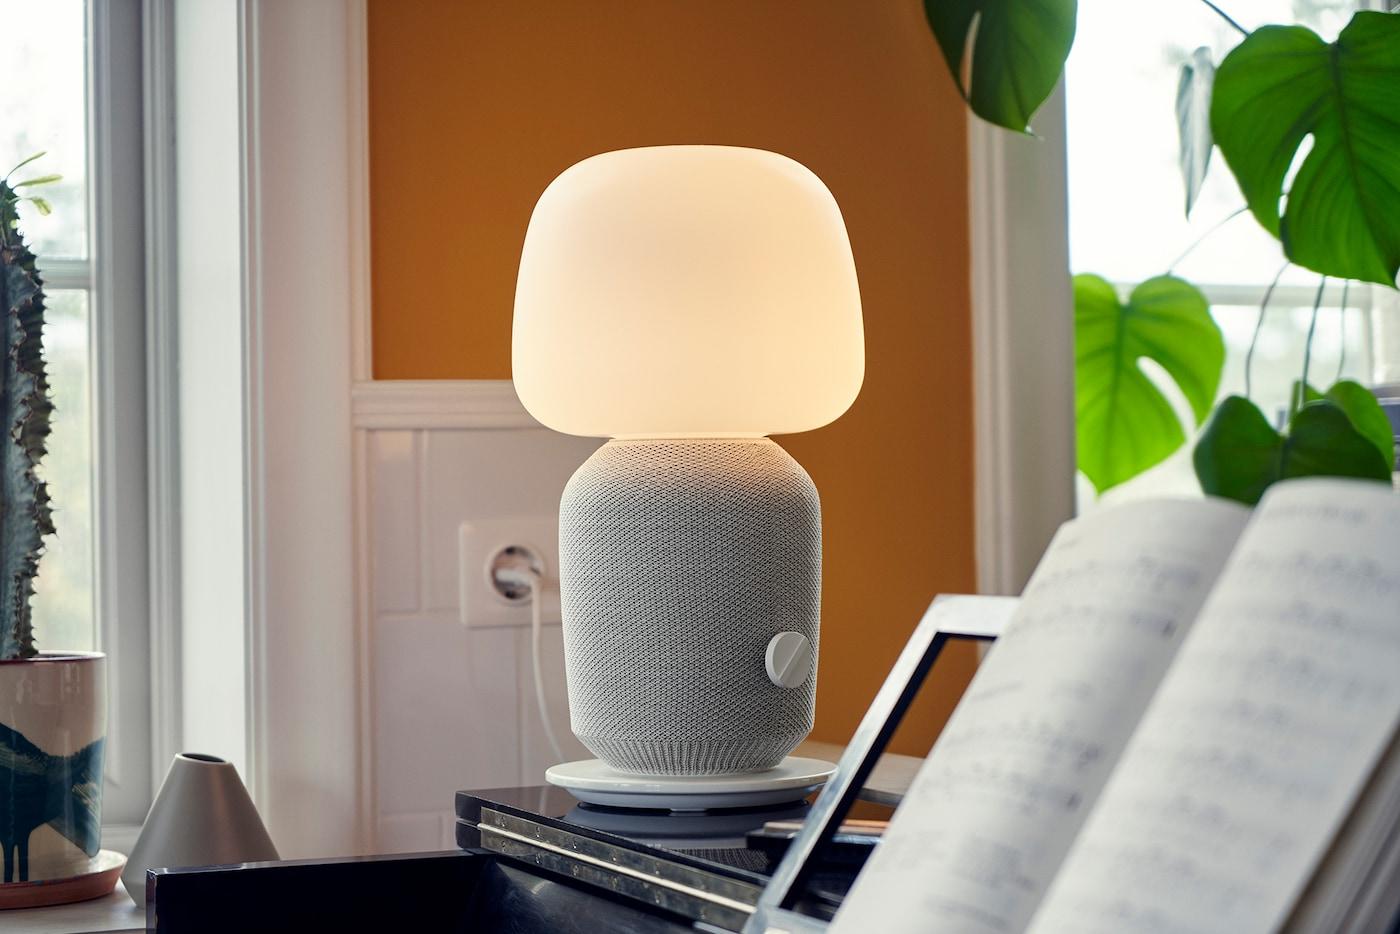 IKEA x Sonos WiFi Speakers | A sweet SYMFONISK duet - IKEA